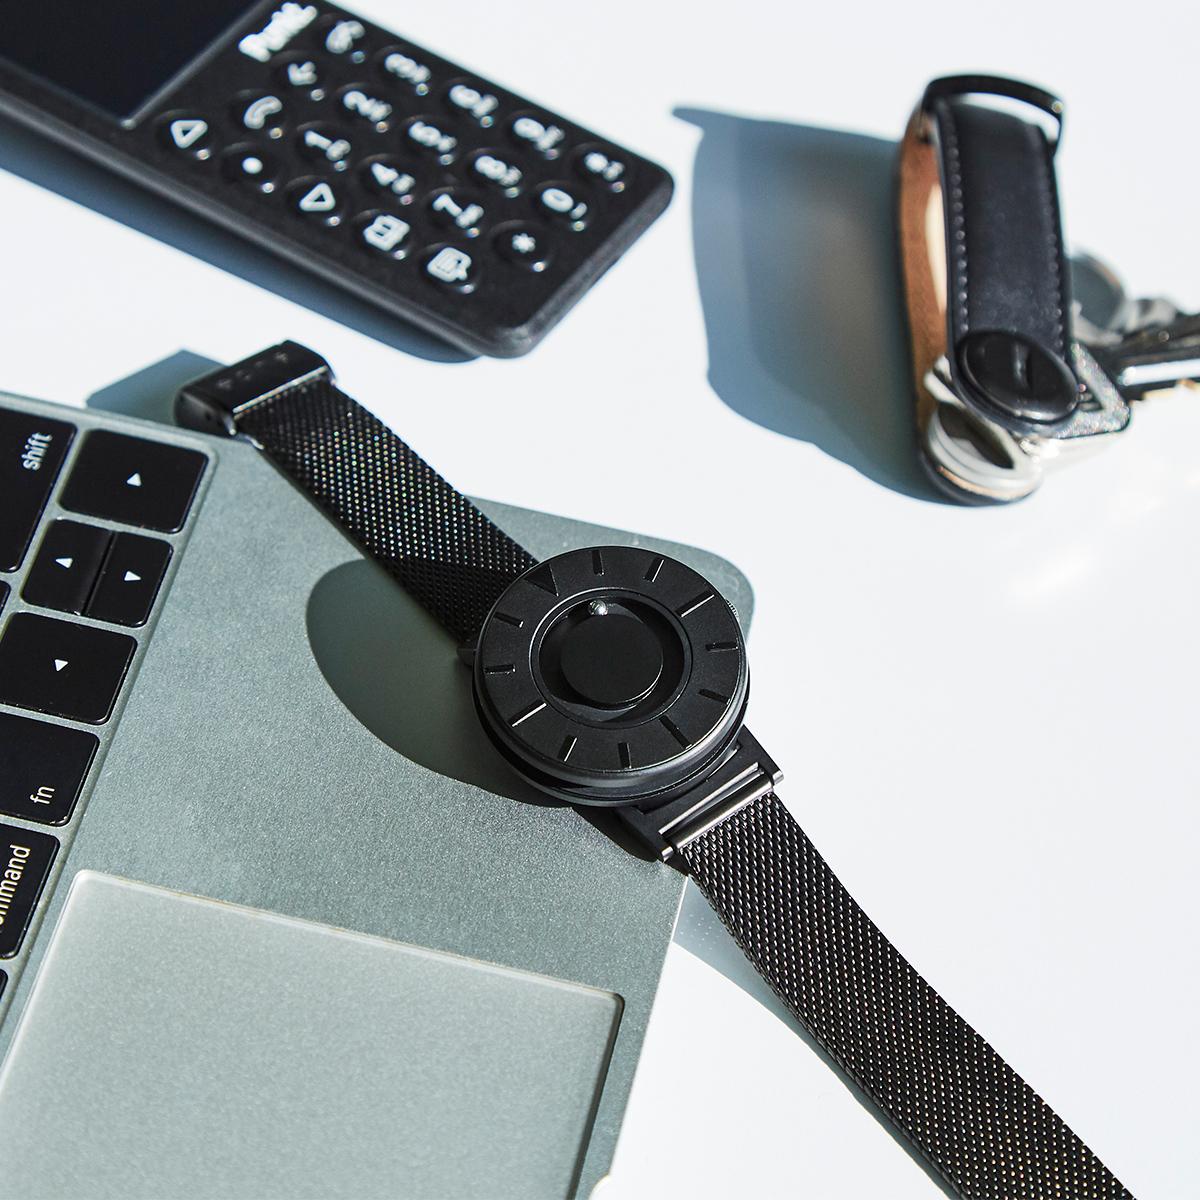 手首が細い方や手が小さめな方にも、バランスよくフィット。腕元におさまるコンパクトな文字盤、軽やかな装着感のメッシュバンド。触って時間を知る「腕時計」| EONE